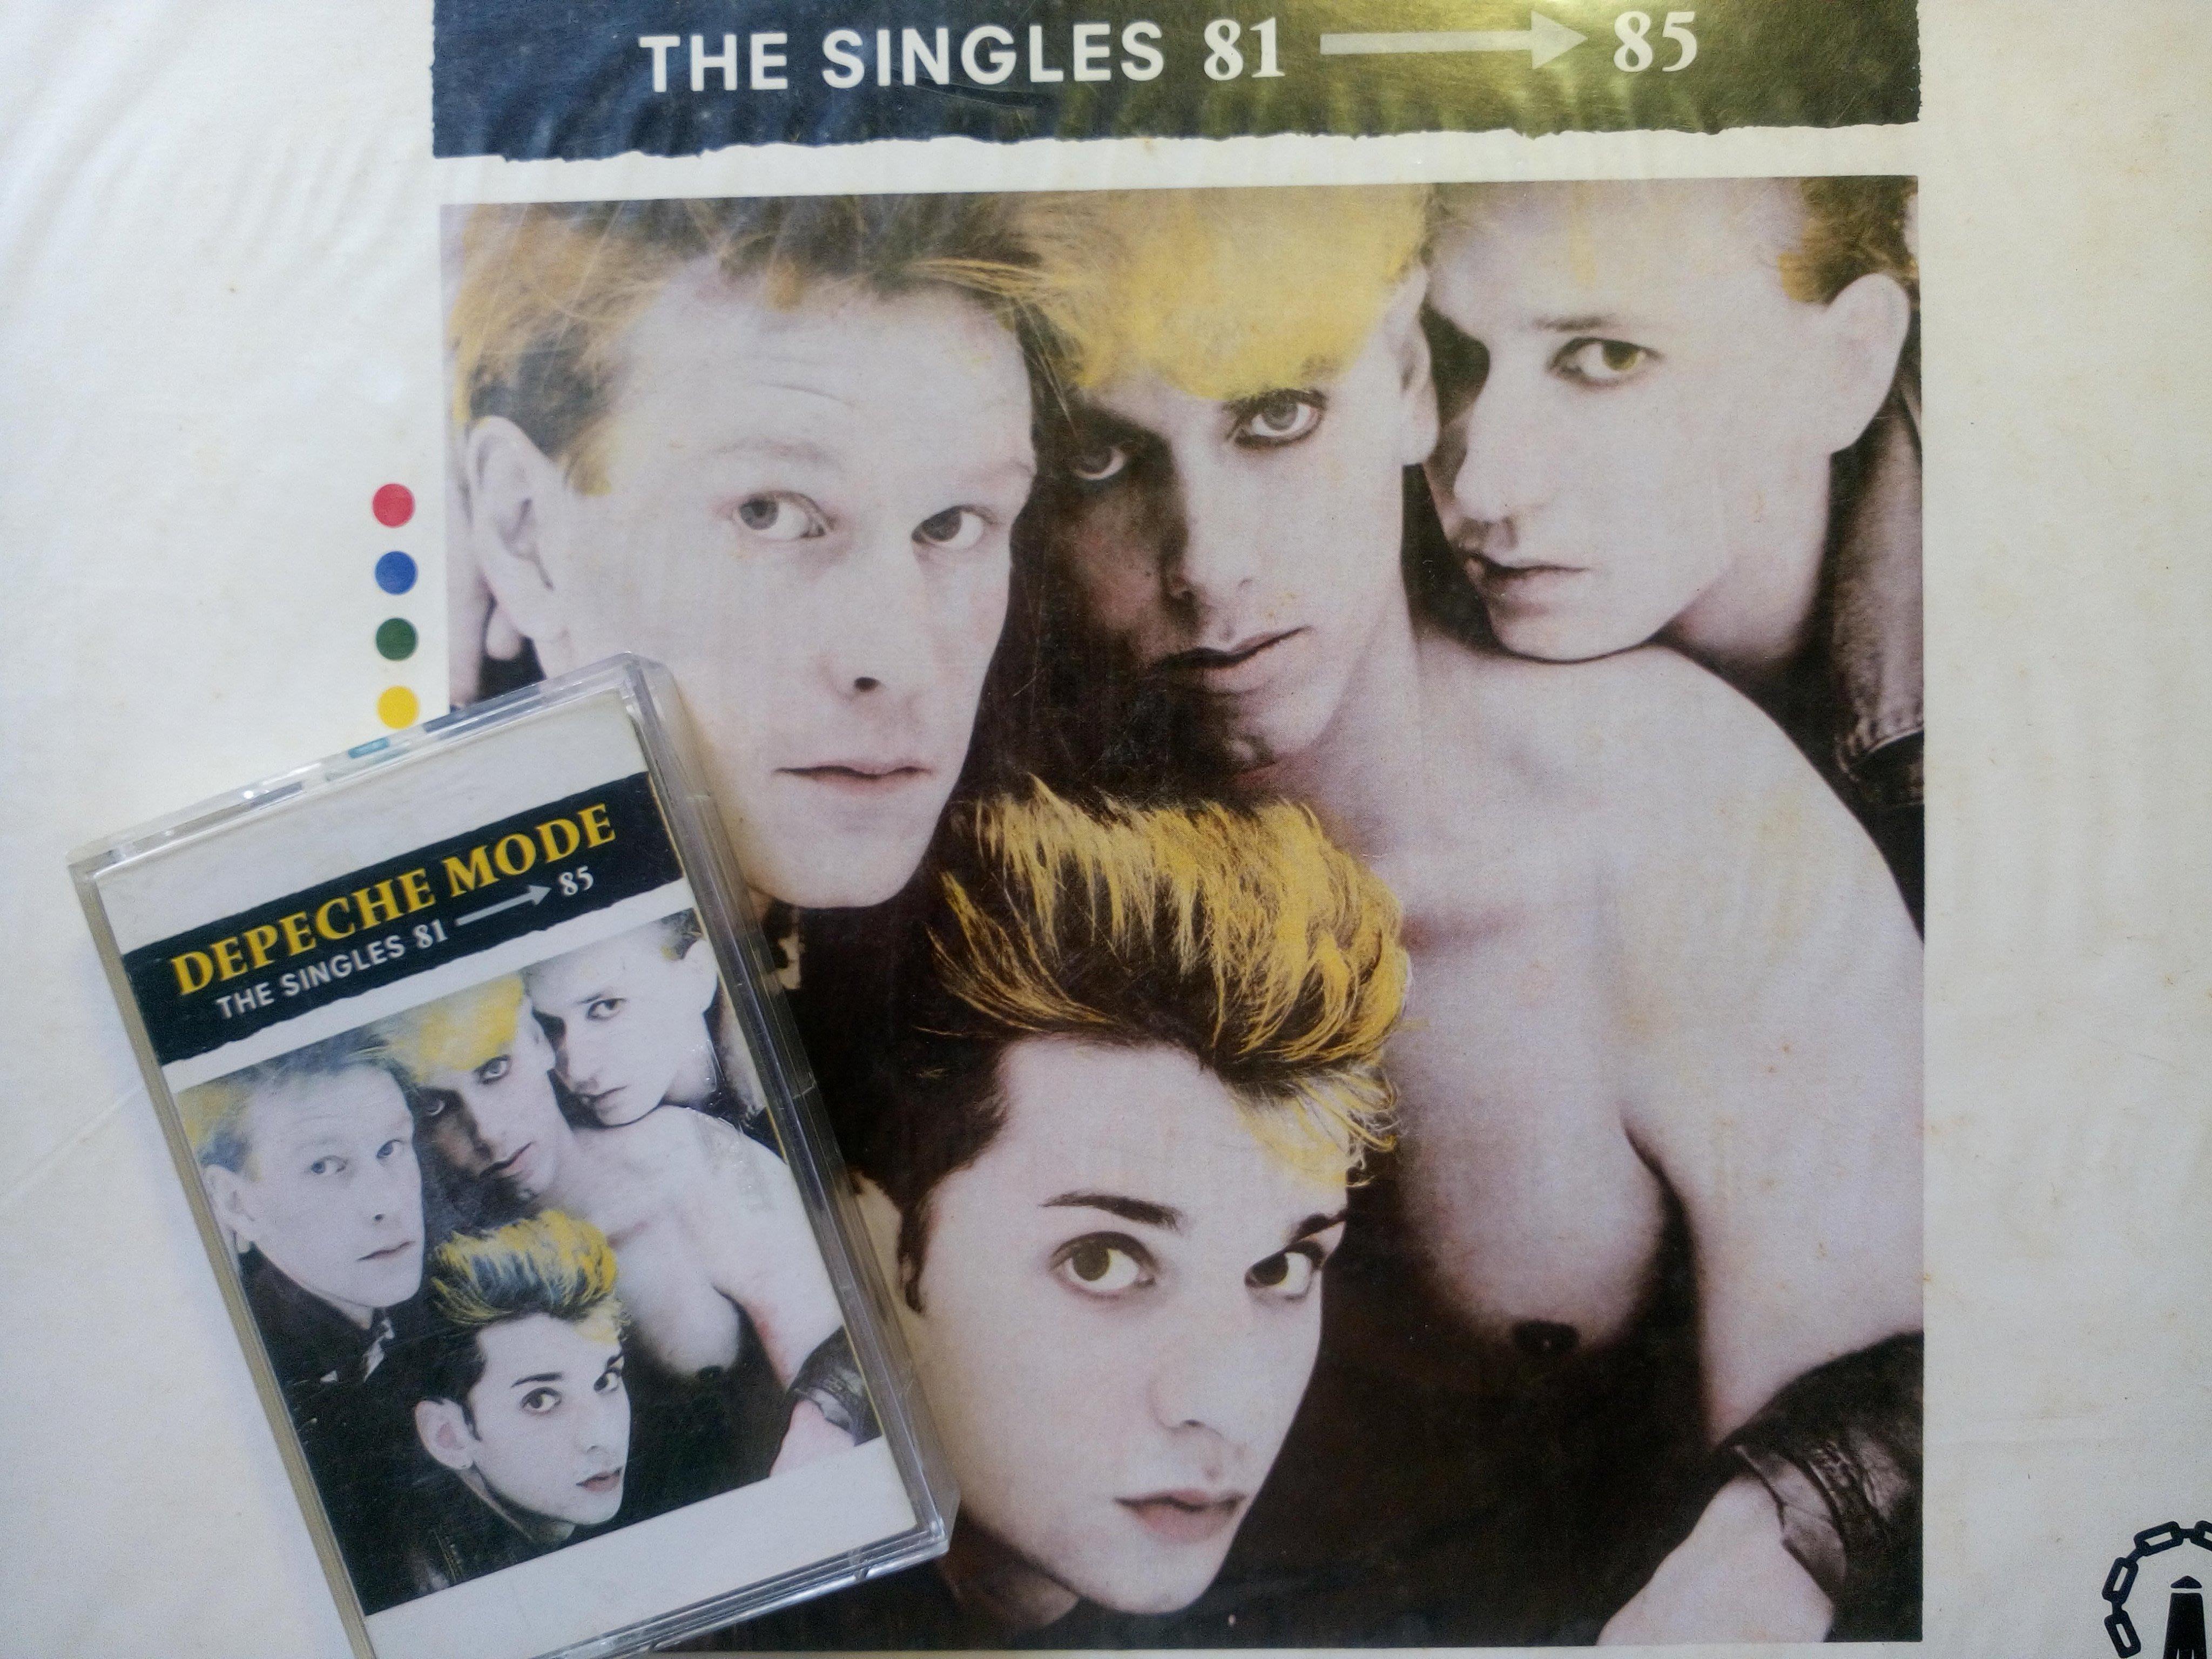 流行尖端Depeche Mode 首張全球精選輯卡帶錄音帶 1985年封面照片Martin Gore模仿乳房尚屬前瞻